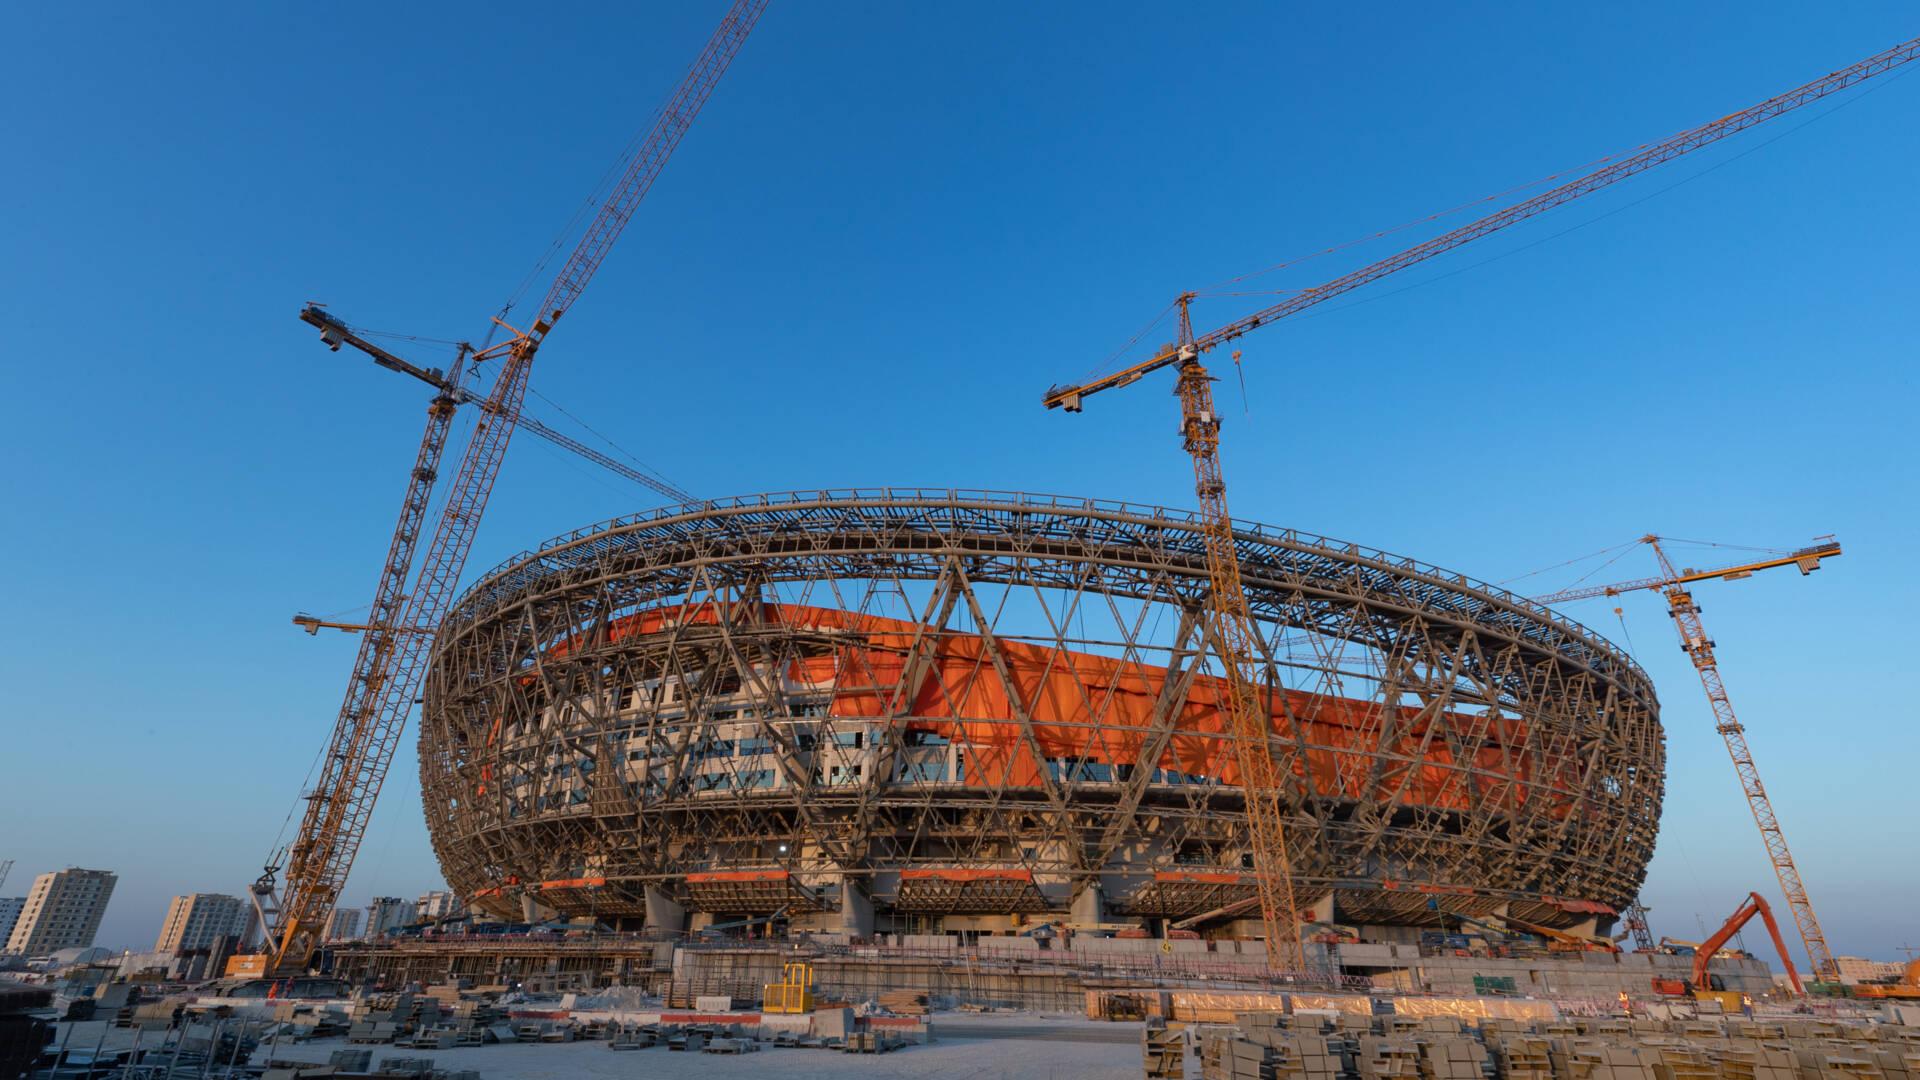 مجلس النواب يطلب من الملك ورئيس الوزراء الابتعاد عن كأس العالم في قطر